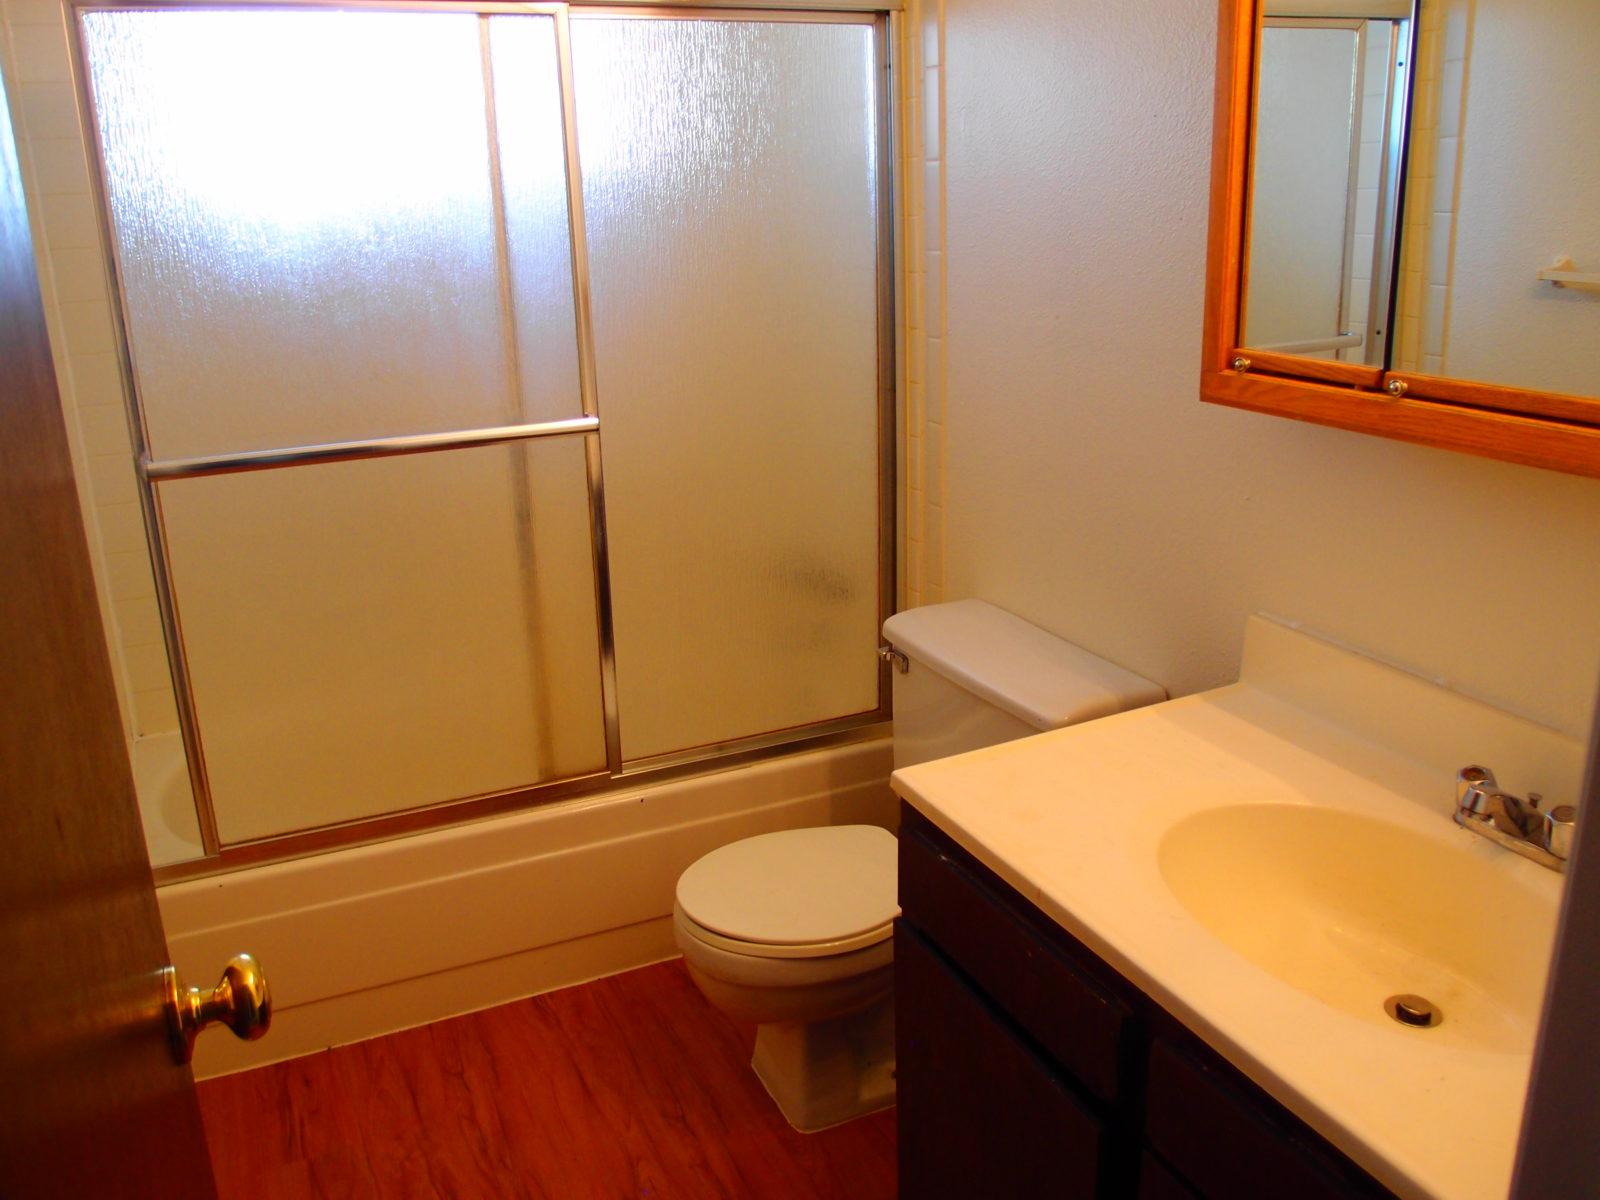 2168 Dexter: Bathroom